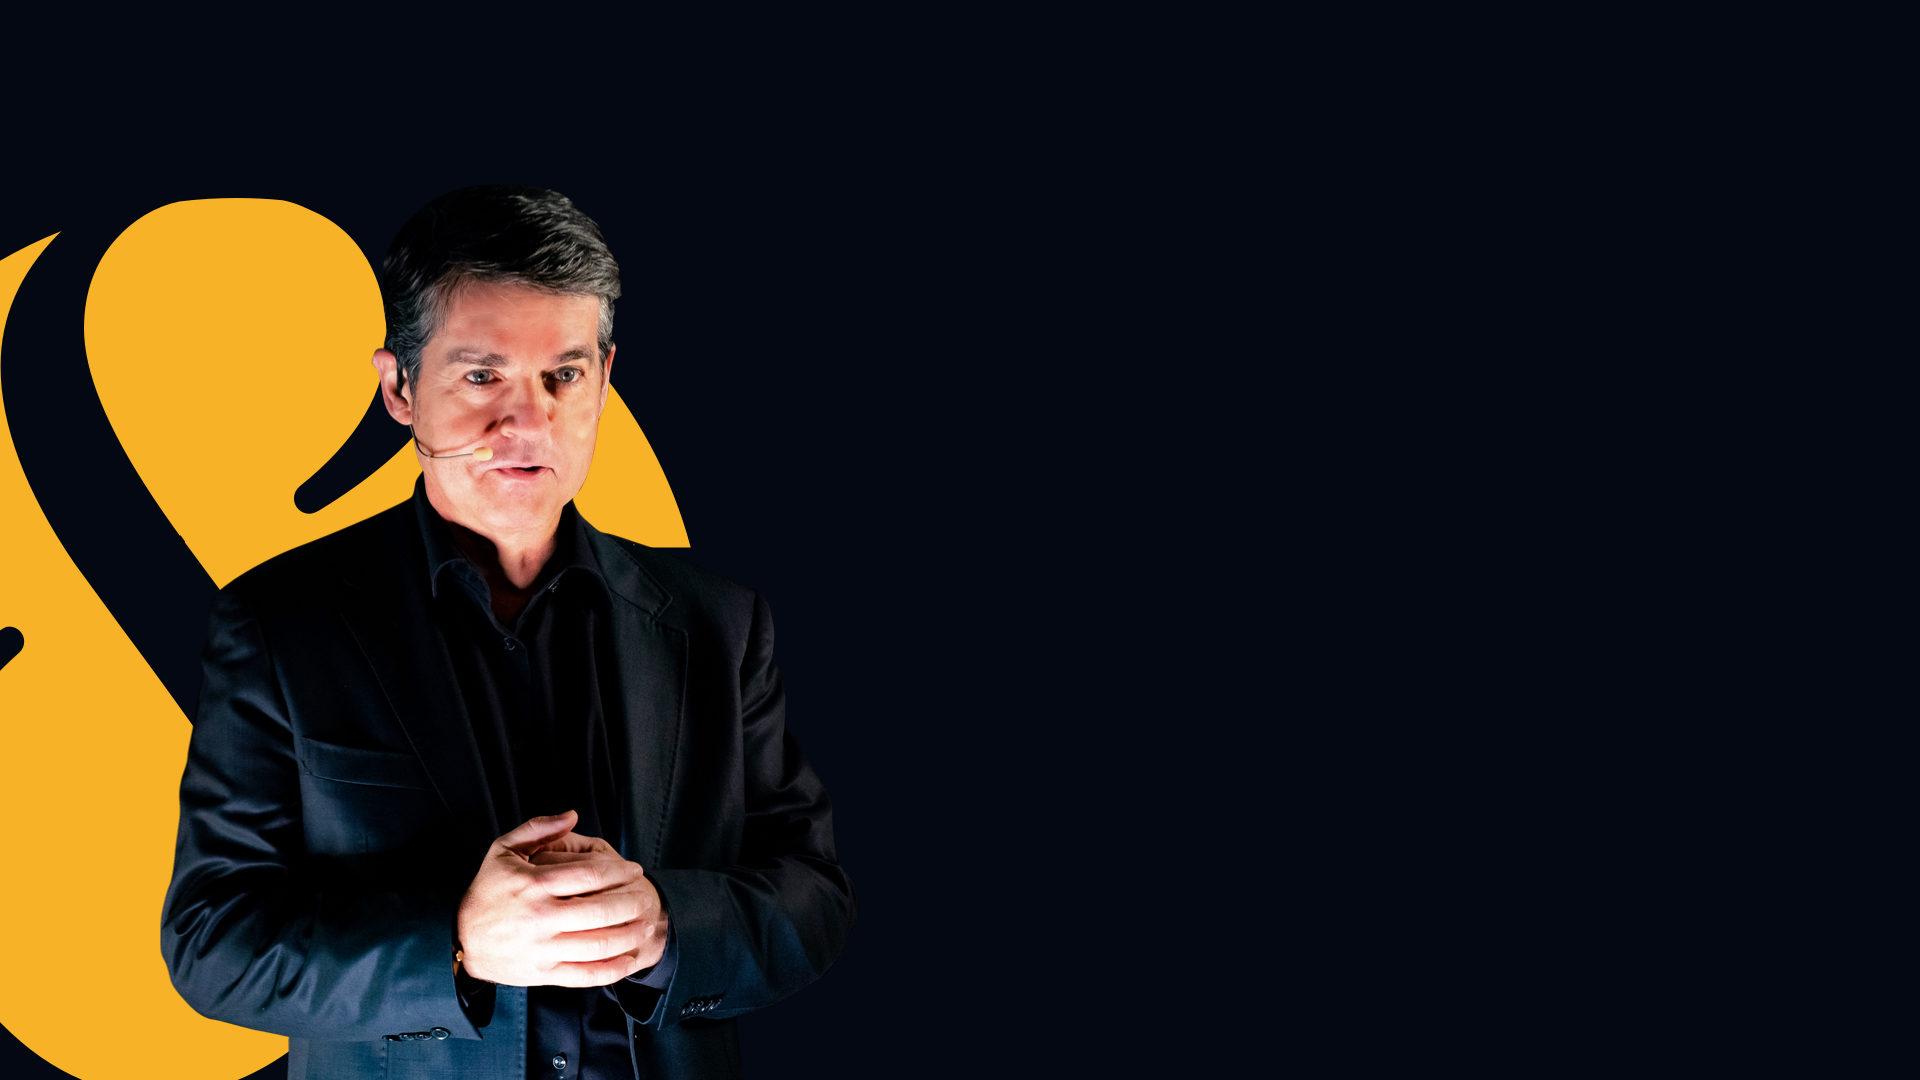 Bannière de la page d'accueil avec photographie portrait de Christophe Alvarez